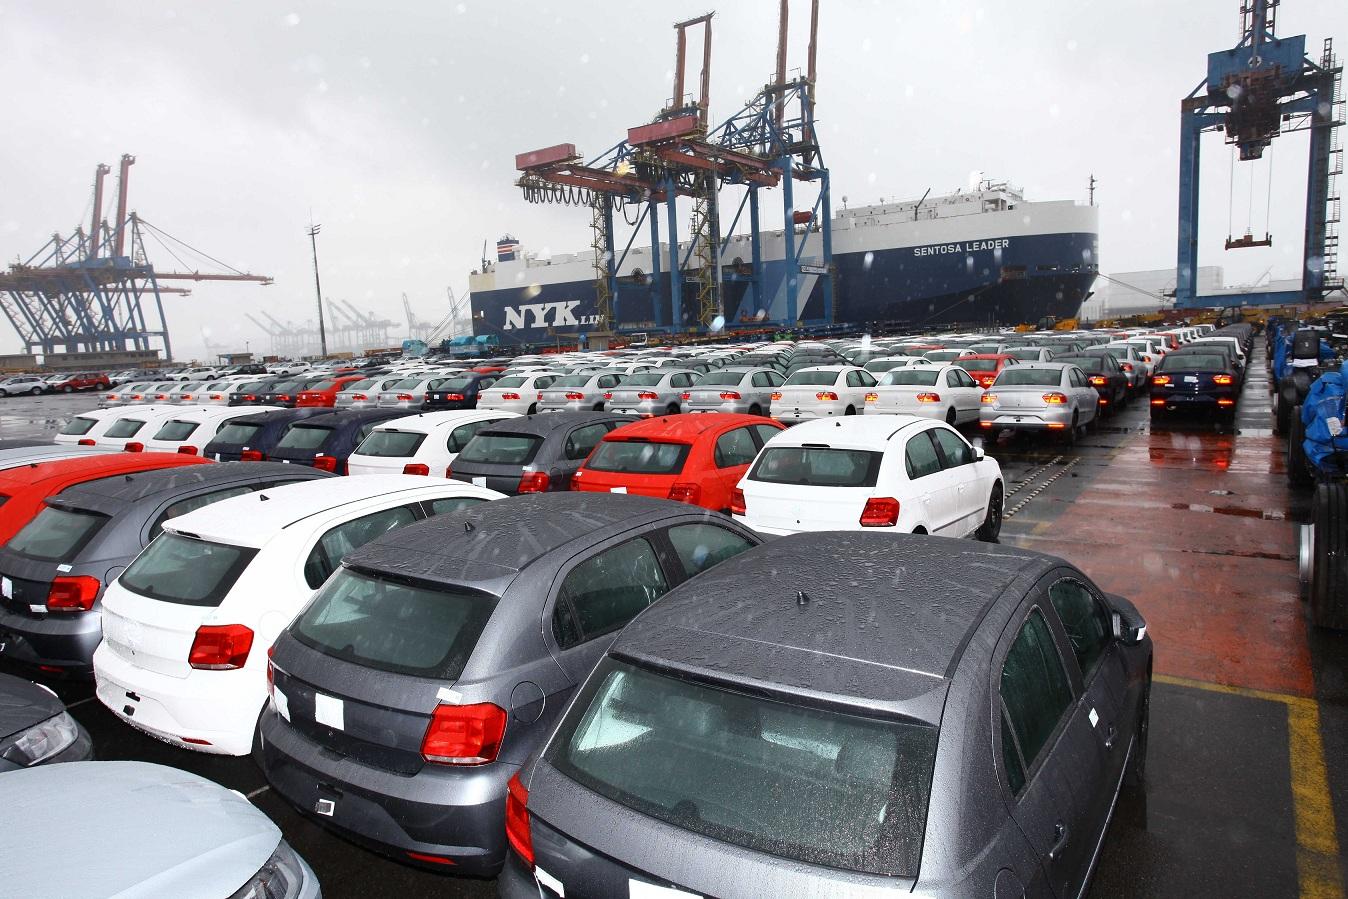 Volkswagen registra aumento de 102% nas exportações no primeiro trimestre de 2017